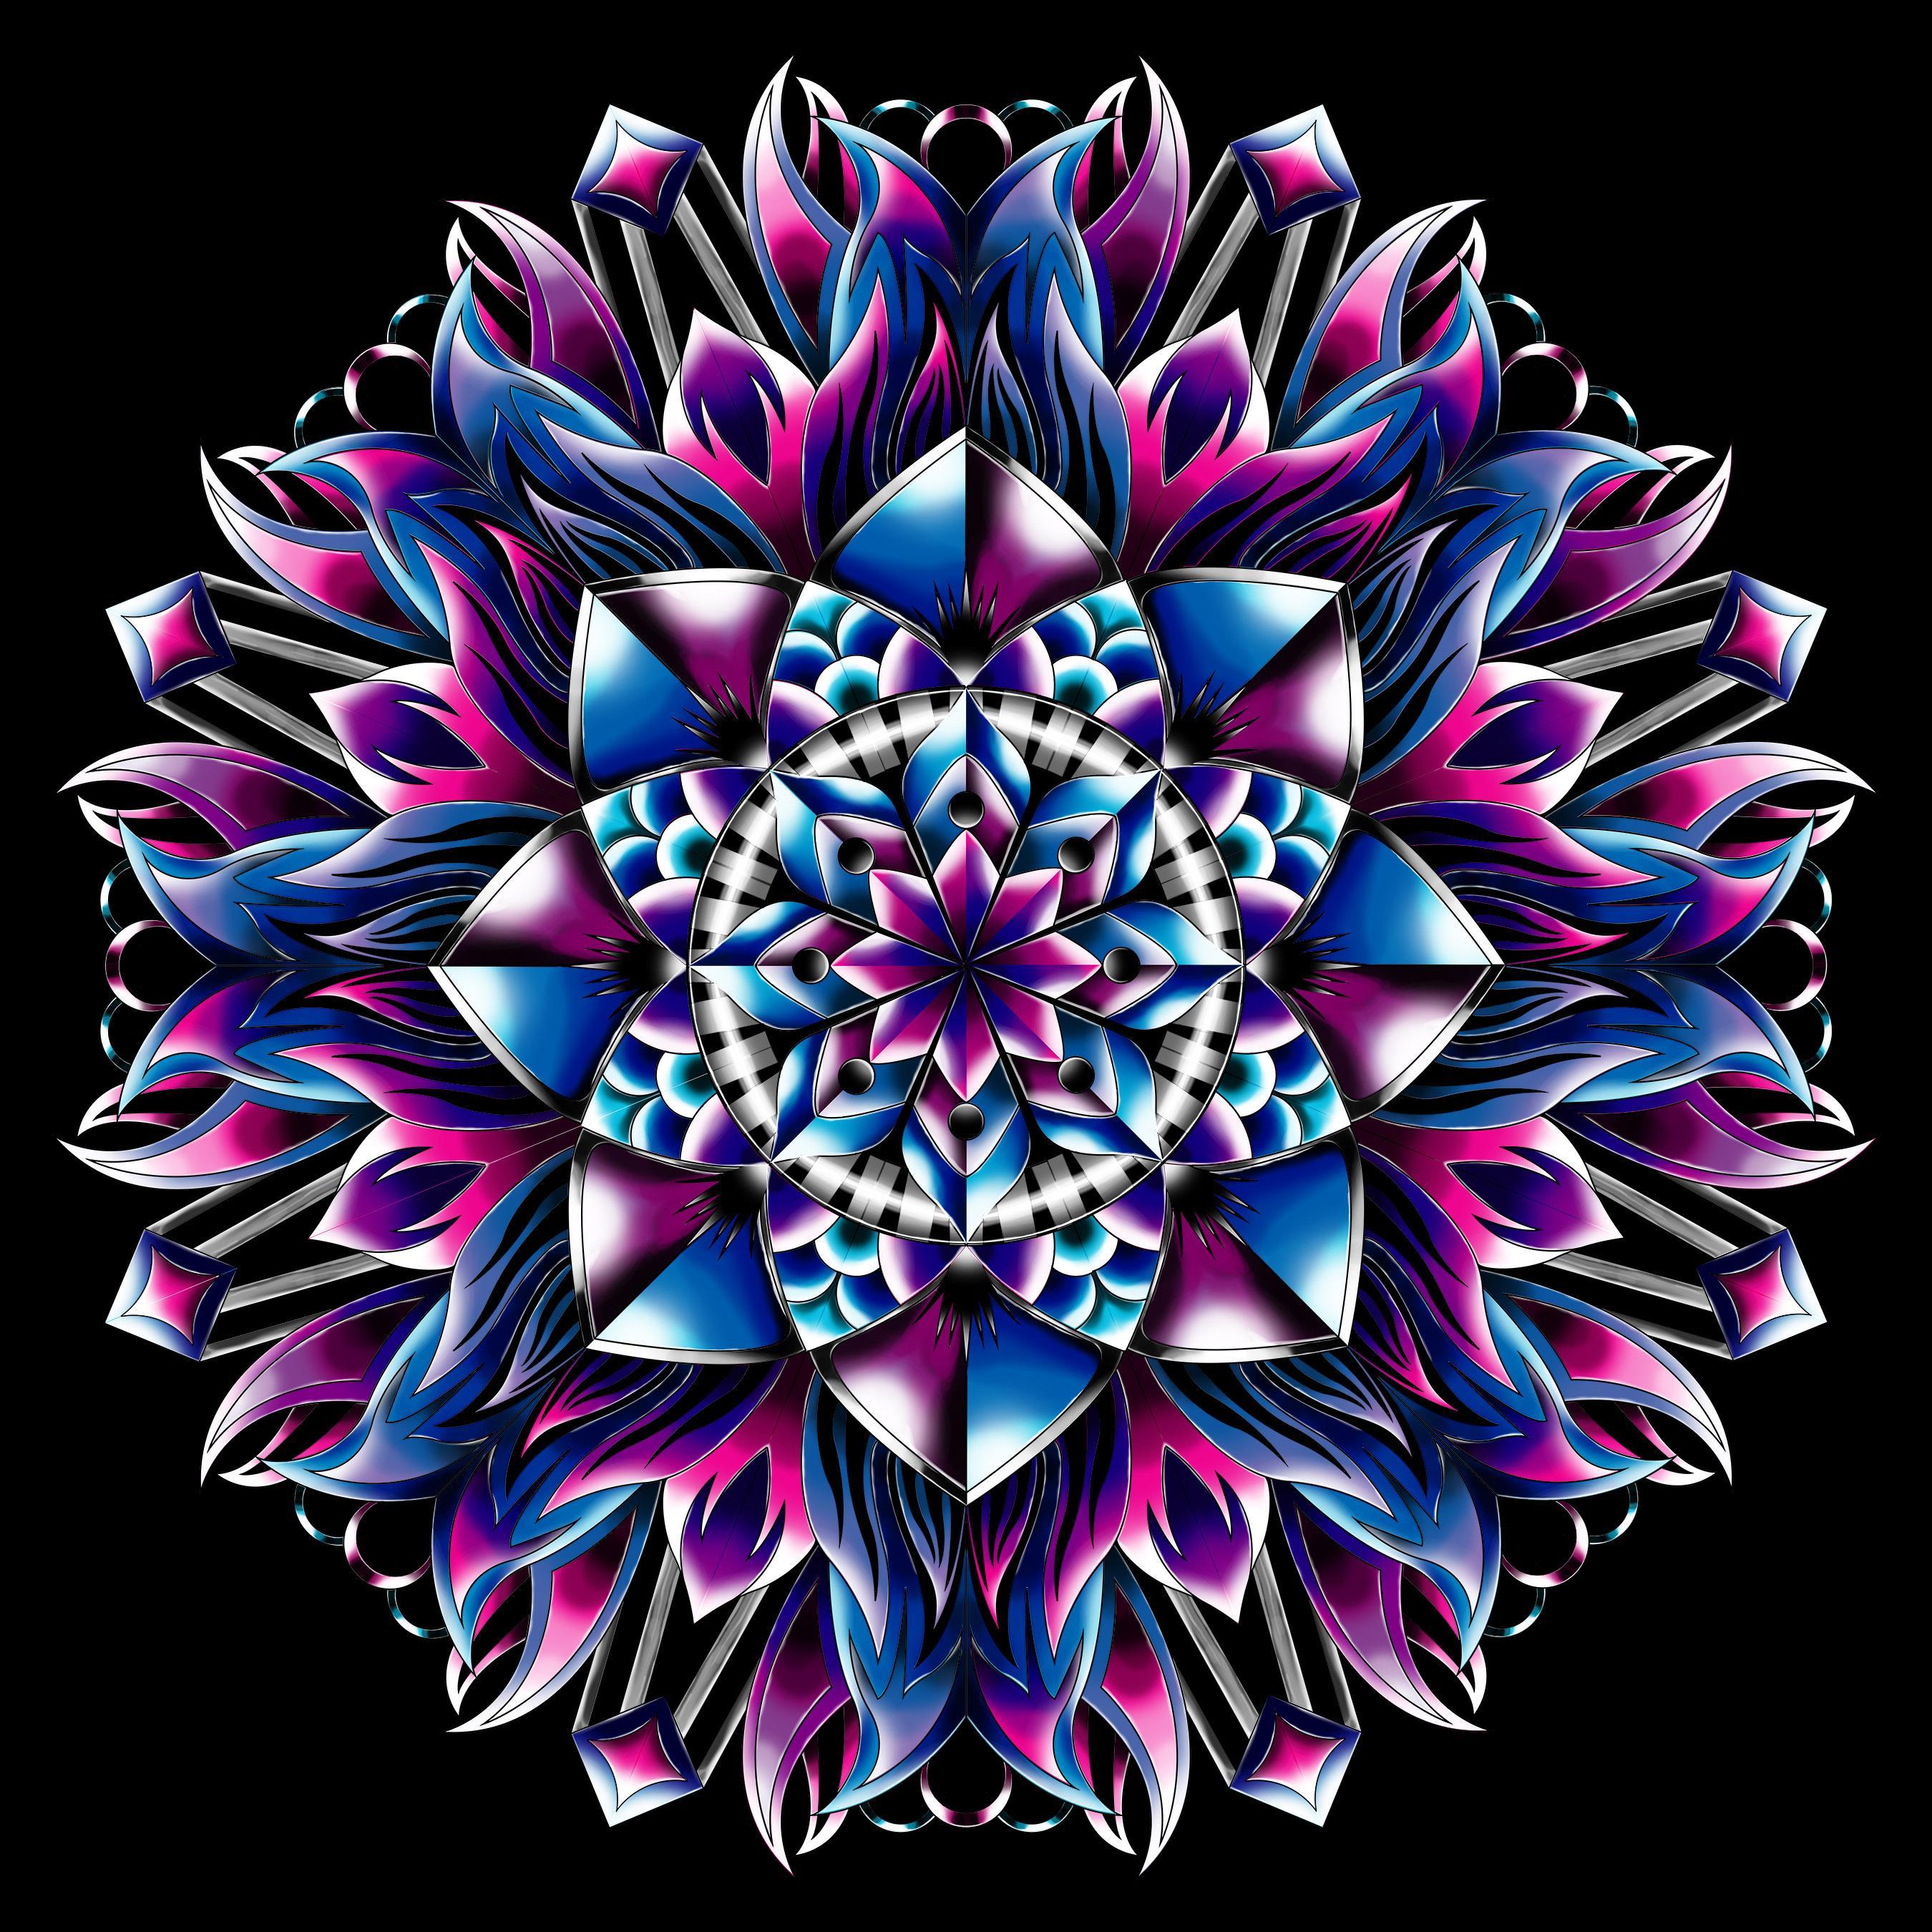 Ed Perez Mandala - image 6 - student project